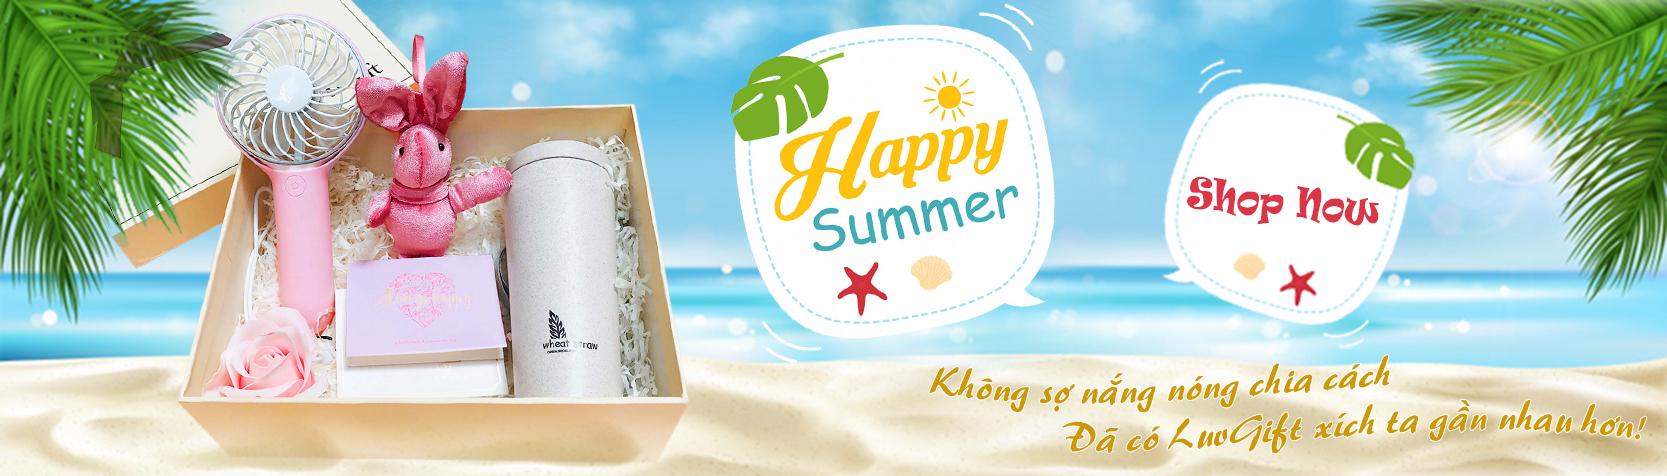 Banner Happy Summer